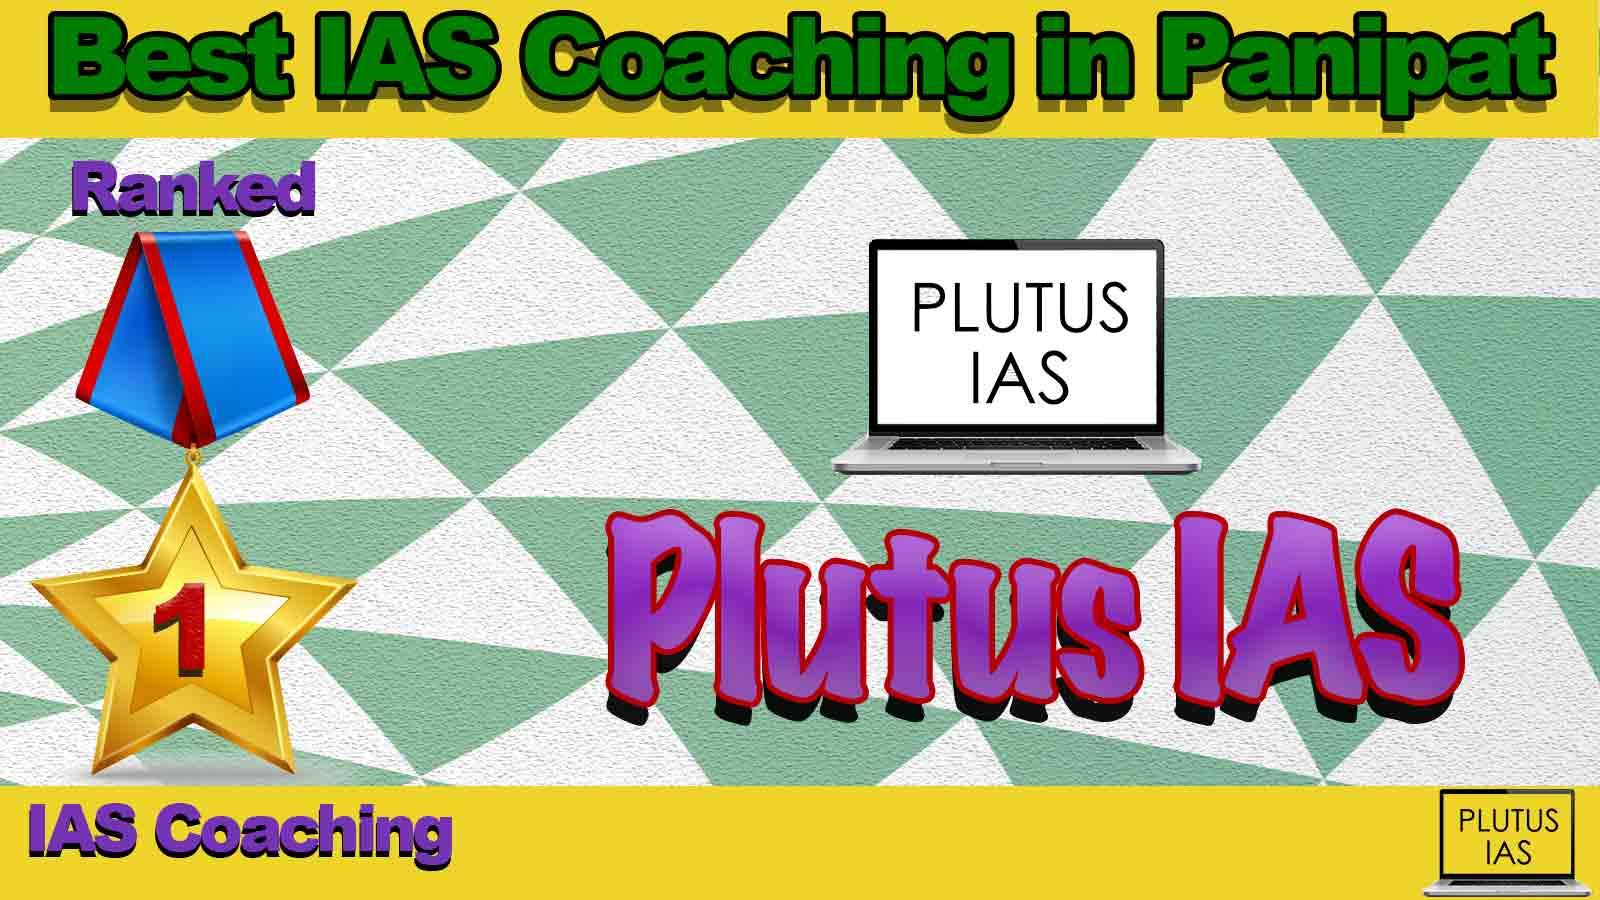 Top IAS Coaching in Panipat